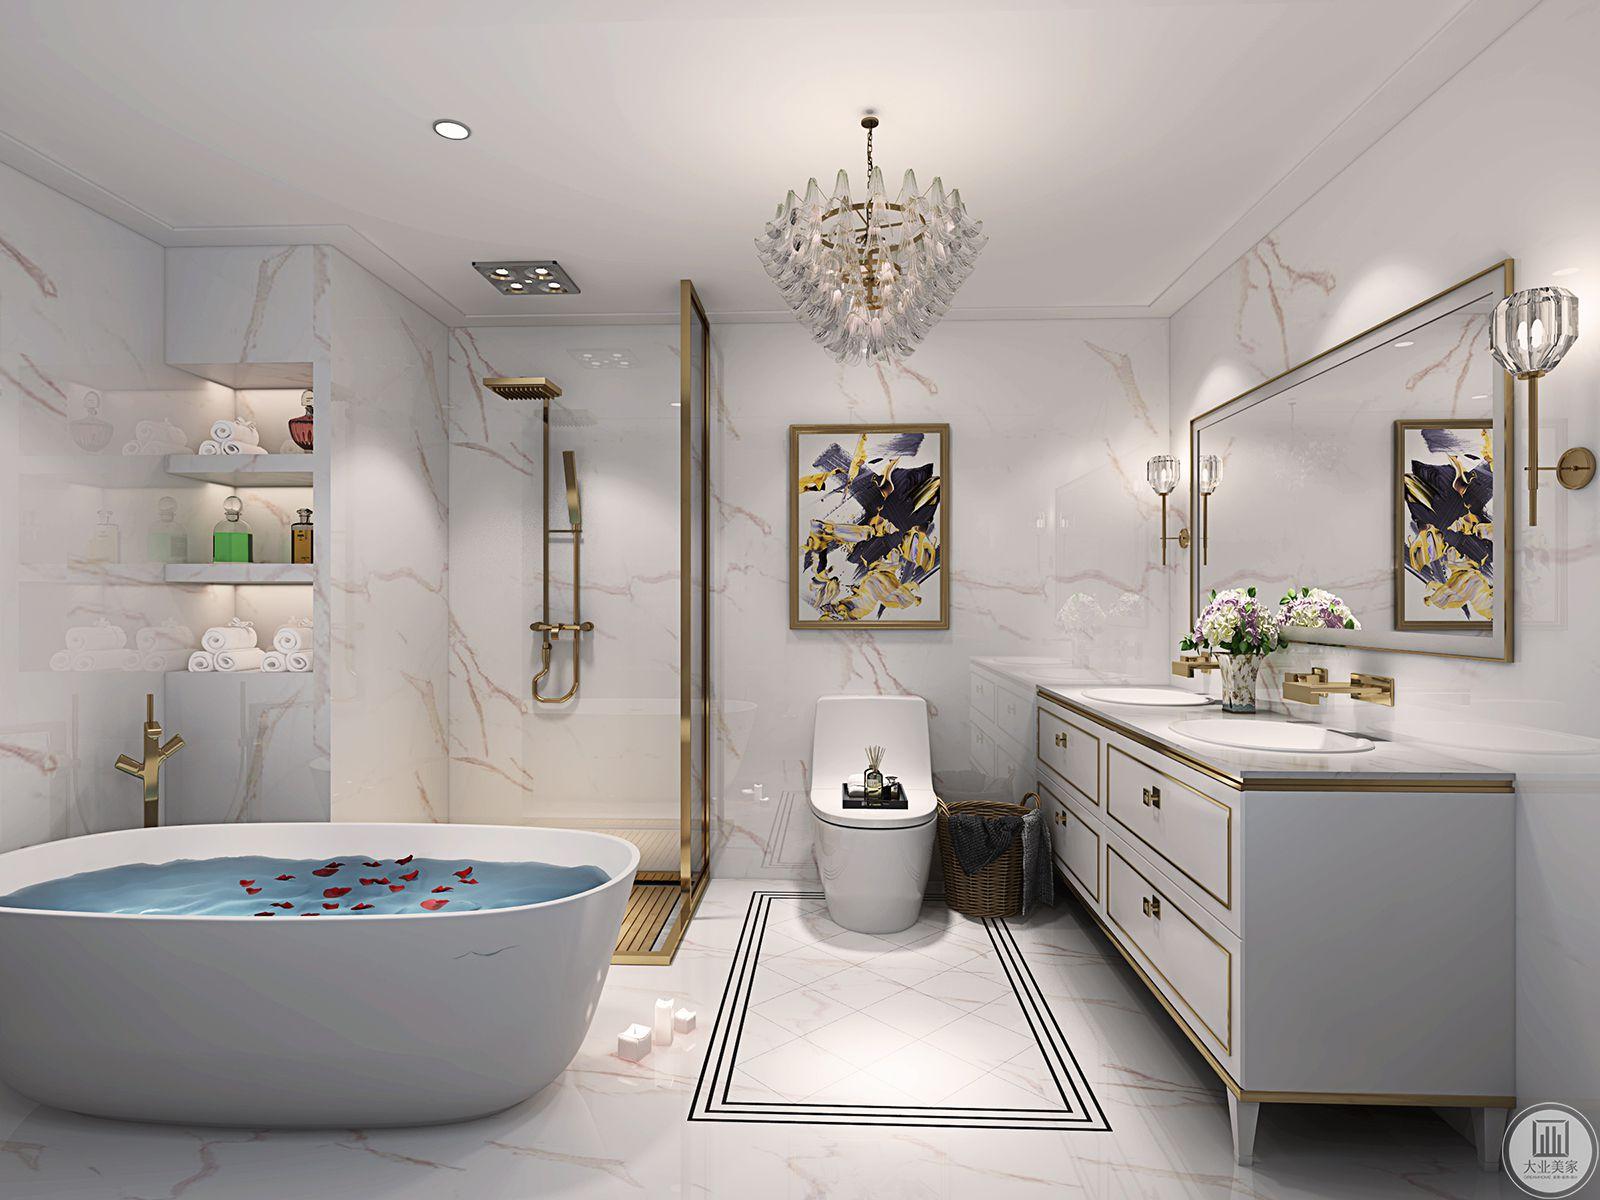 卫生间墙面使用大理石,便于清洁。